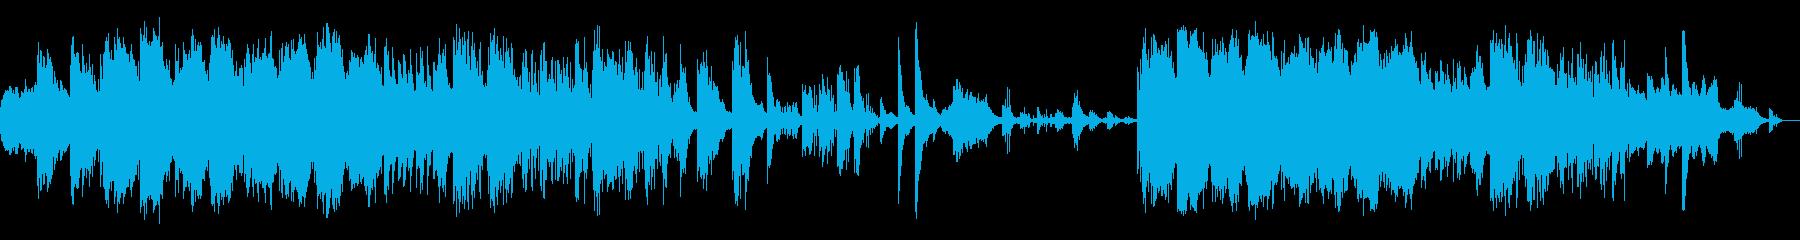 和風のエレクトロニカの再生済みの波形